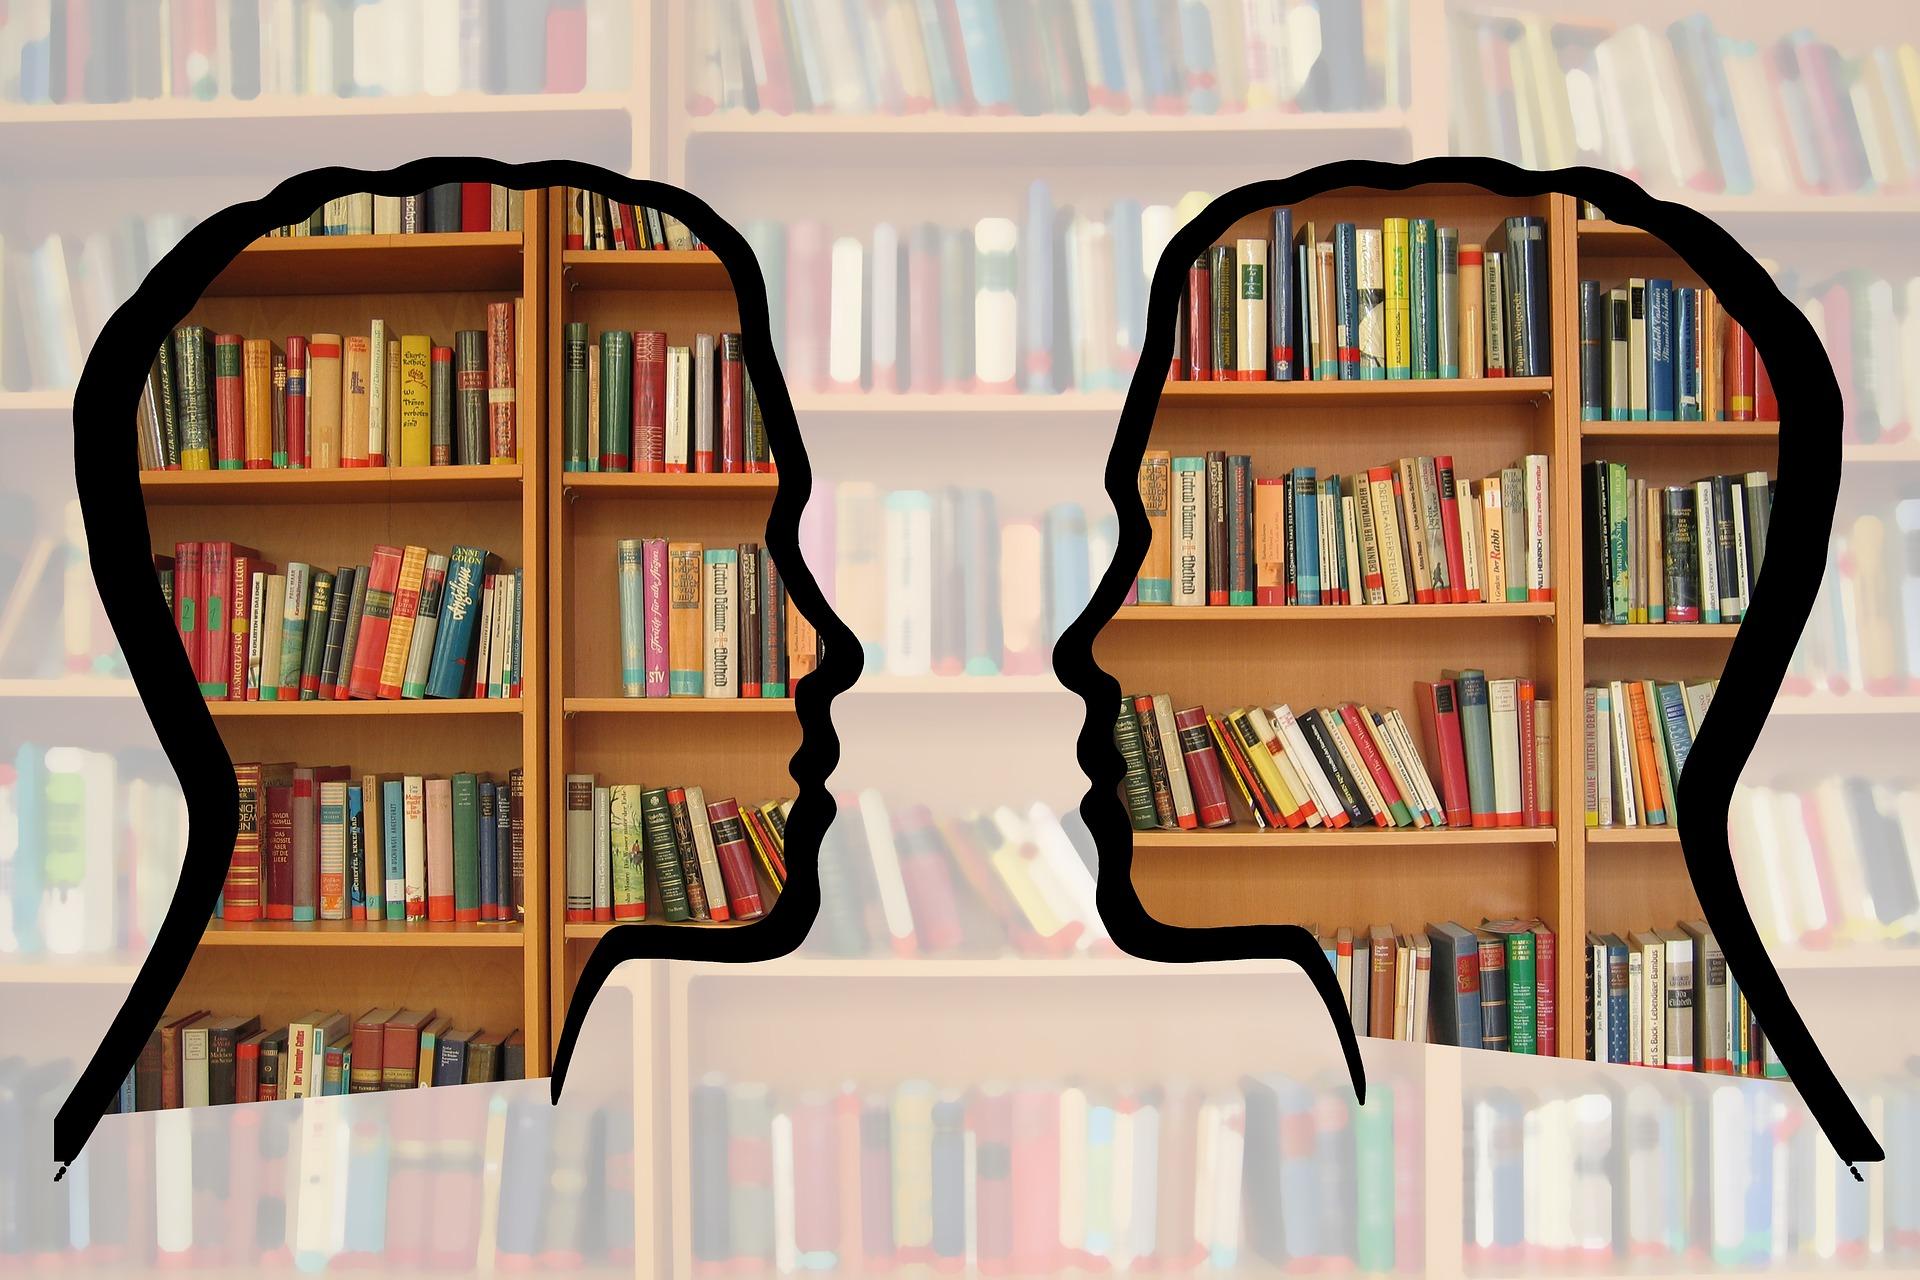 Ako niste znali šta je biblioterapija...